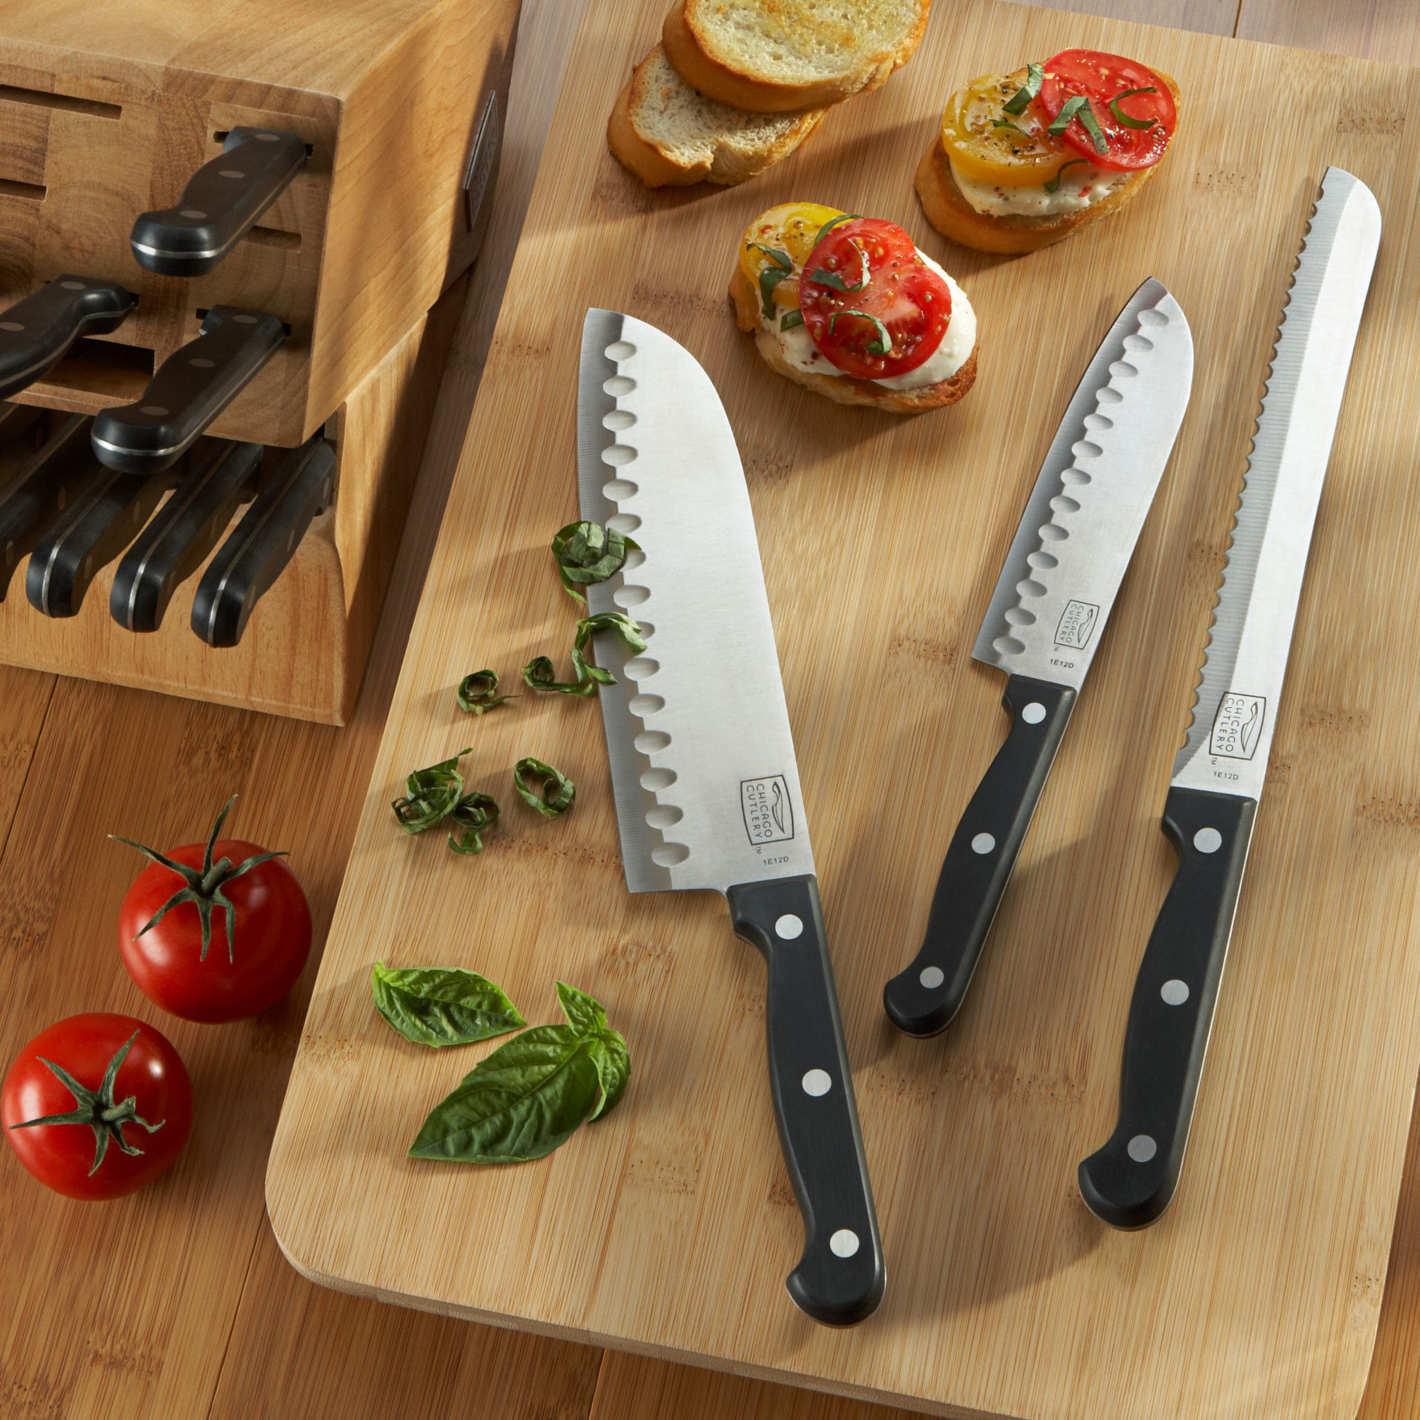 Chicago Cutlery Essentials 15-Piece Knife Block Set